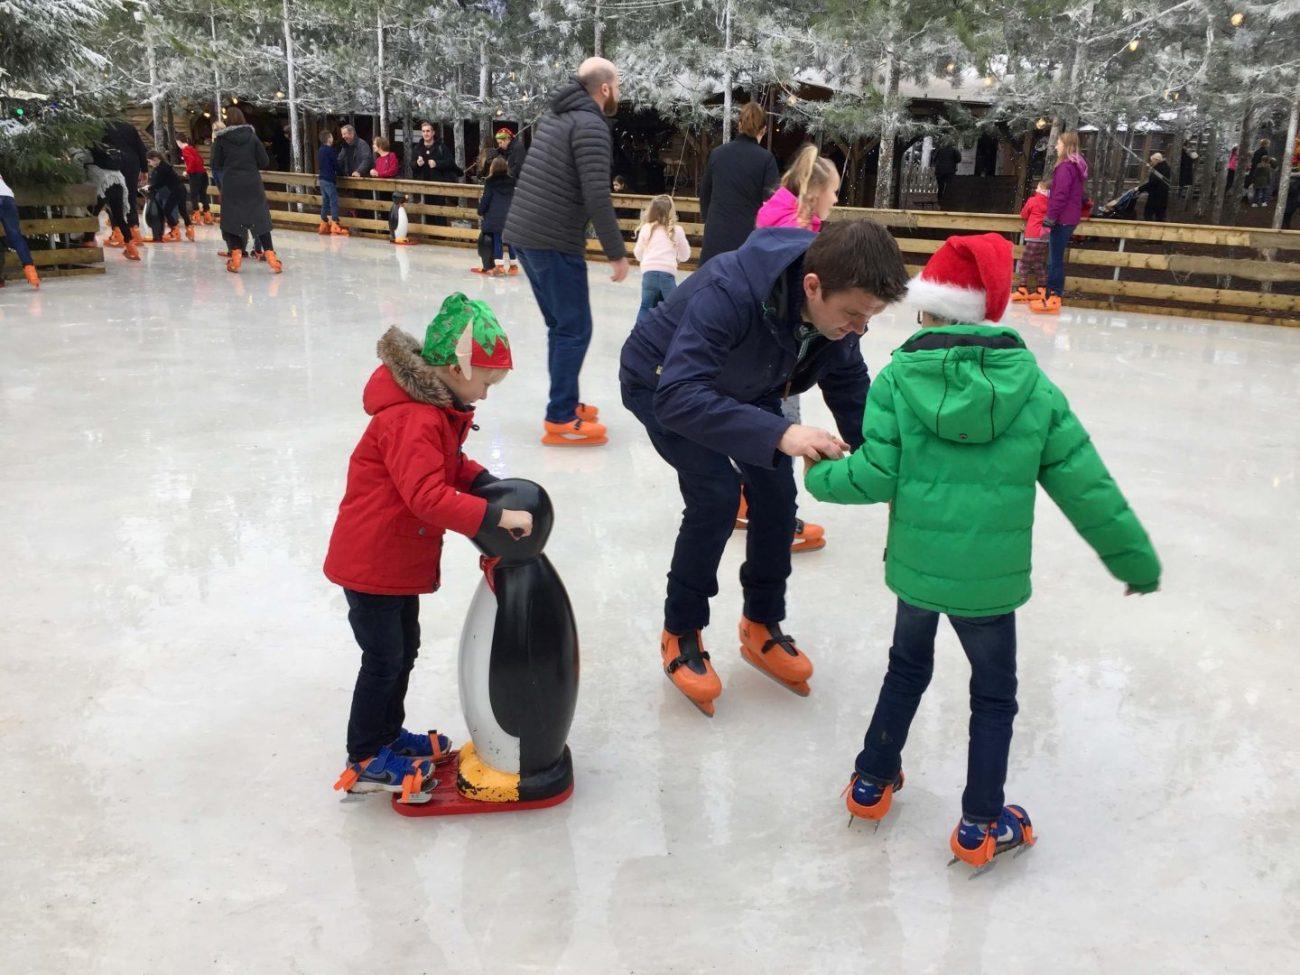 Lapland UK ice skating